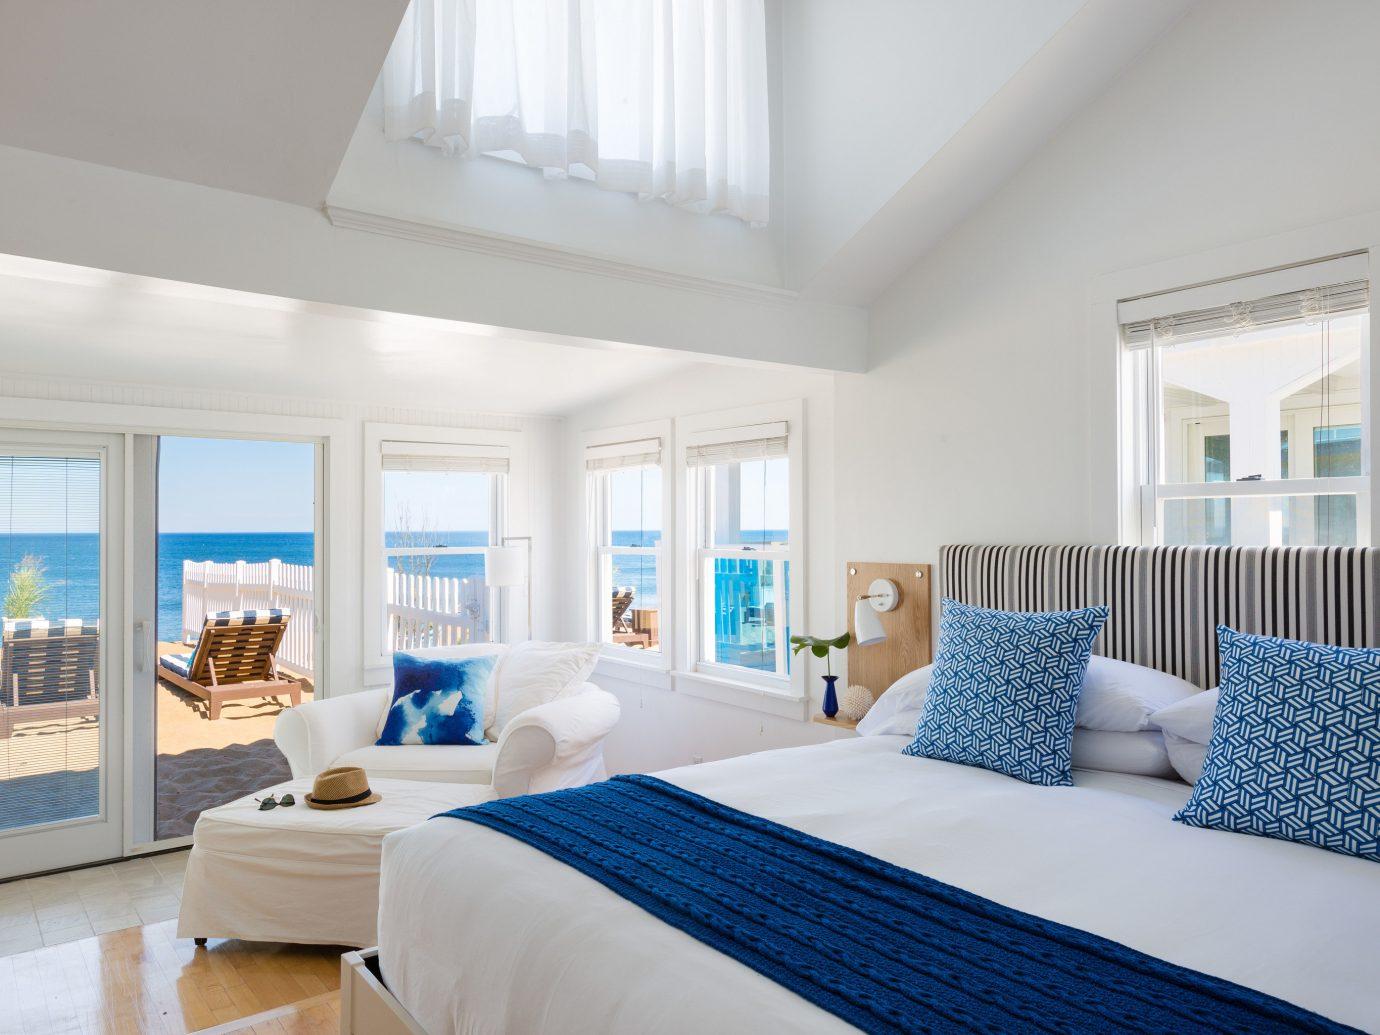 Bedroom at Blue Inn on the Beach, MA